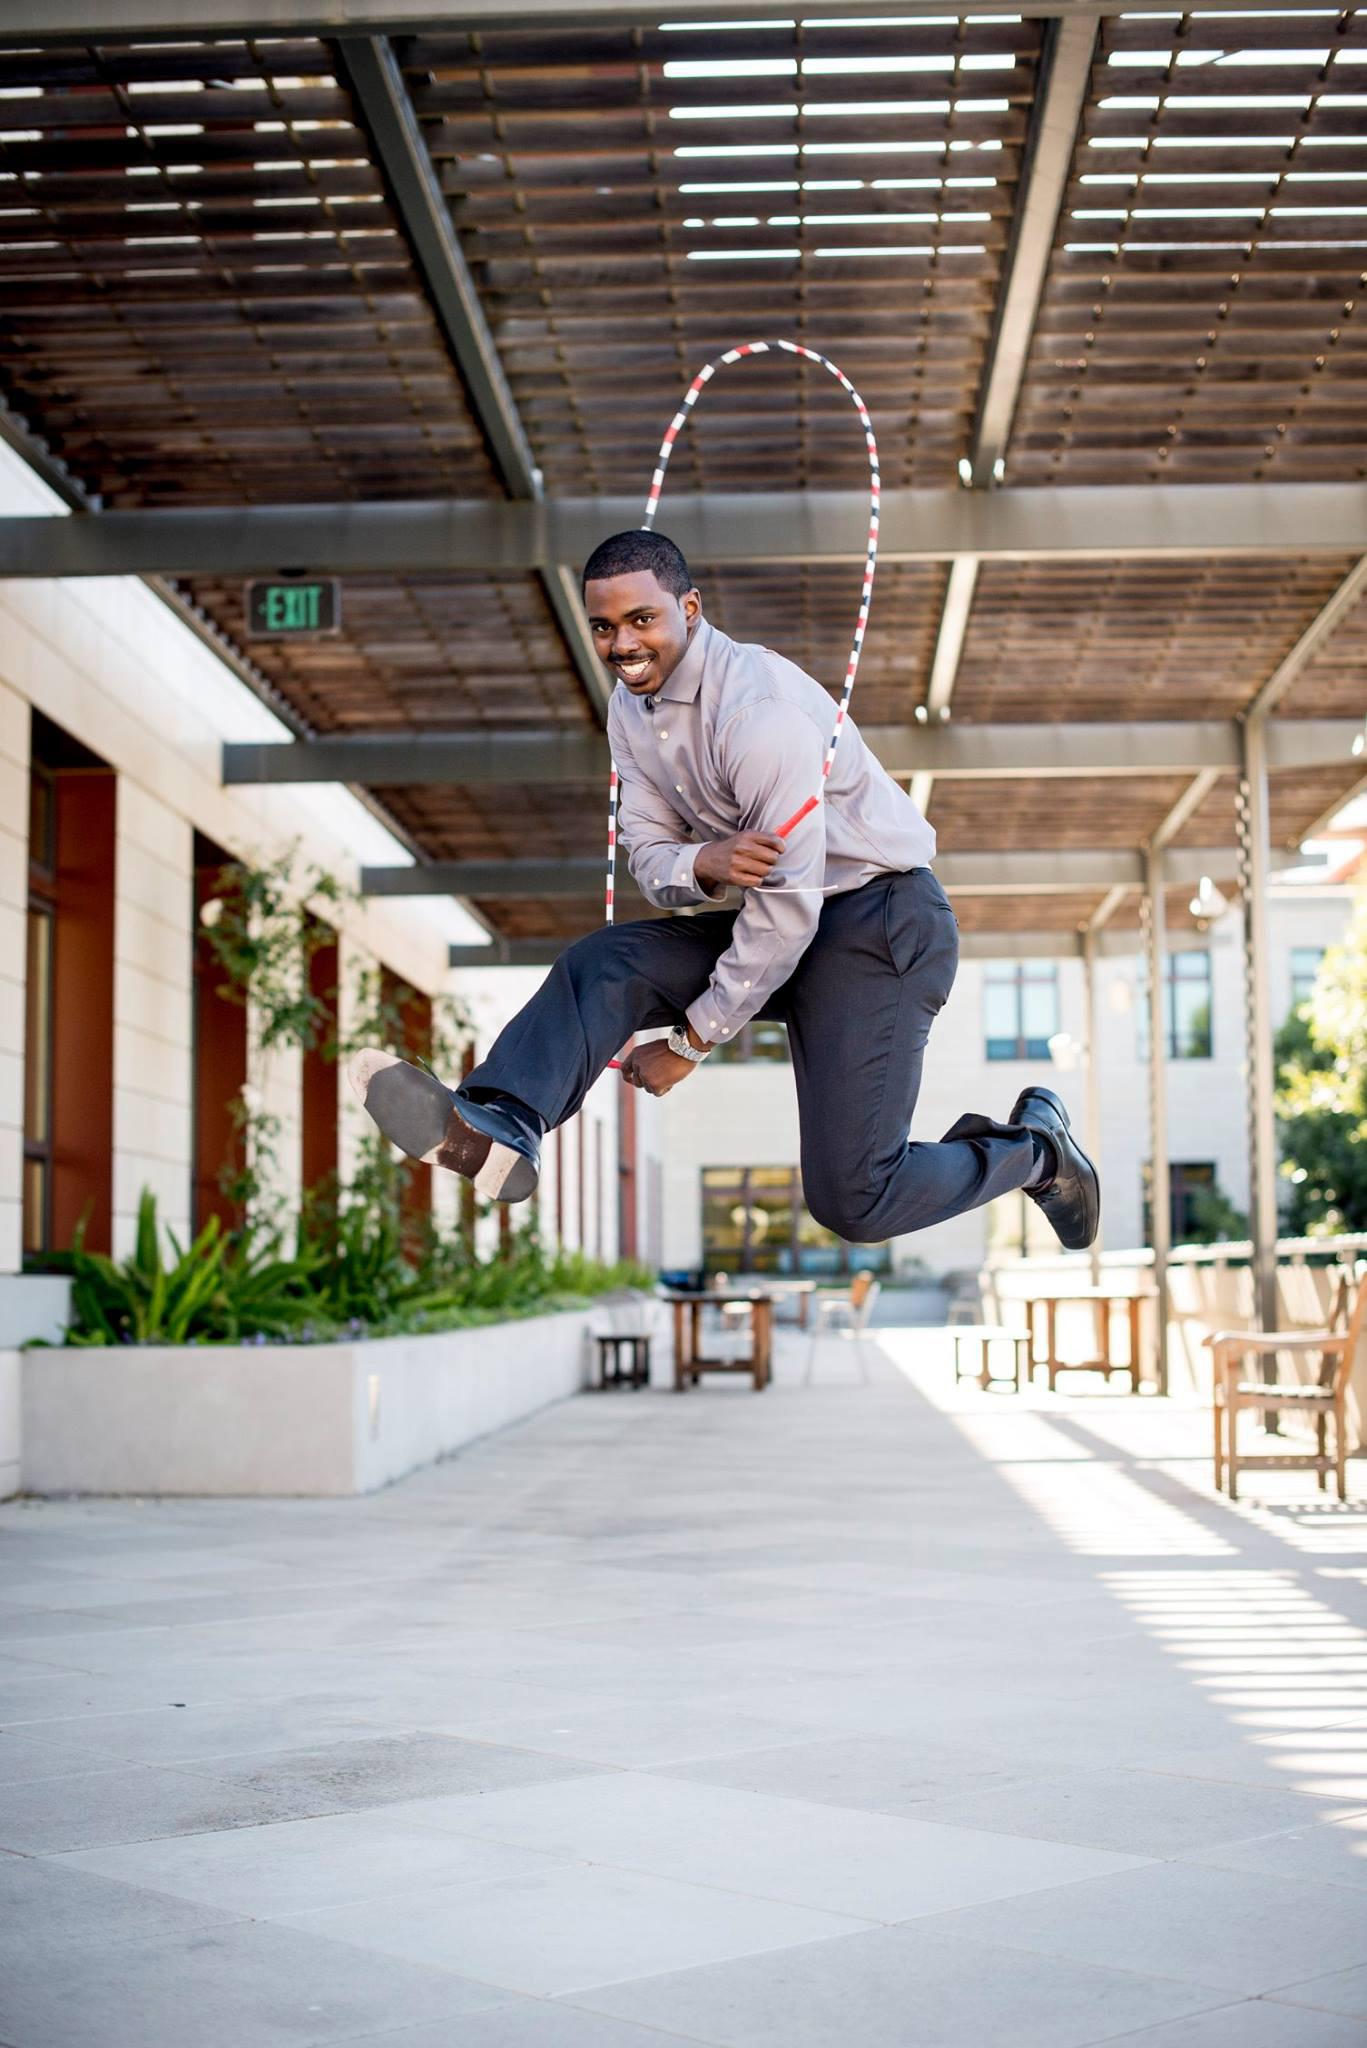 Stewart Isaacs jump-roping